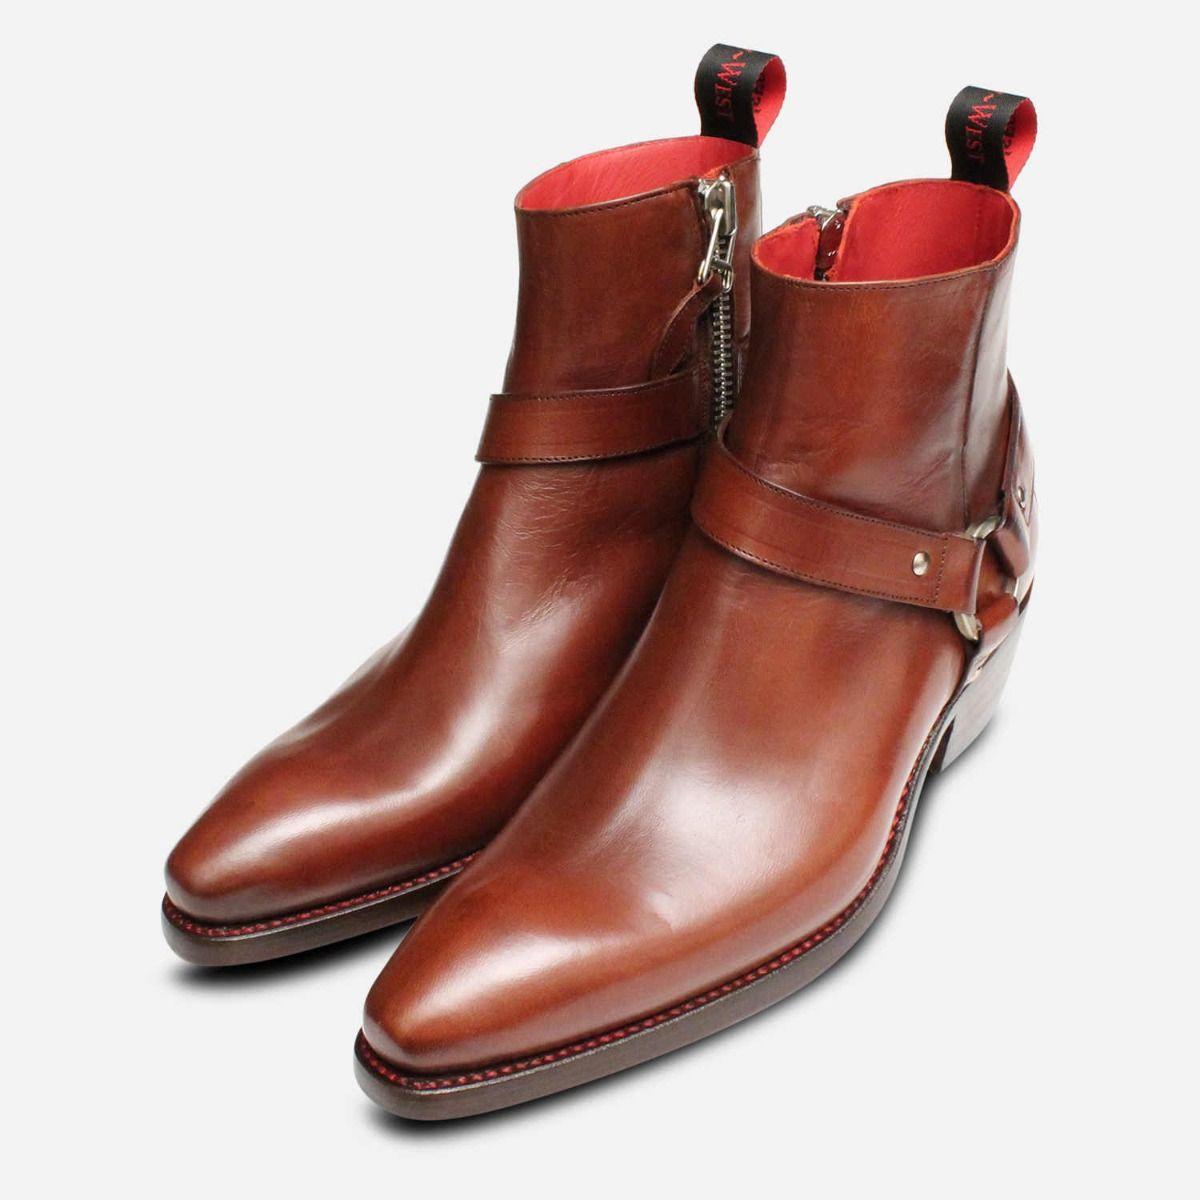 Premium Jailbreak Cuban Heel Zip Boots